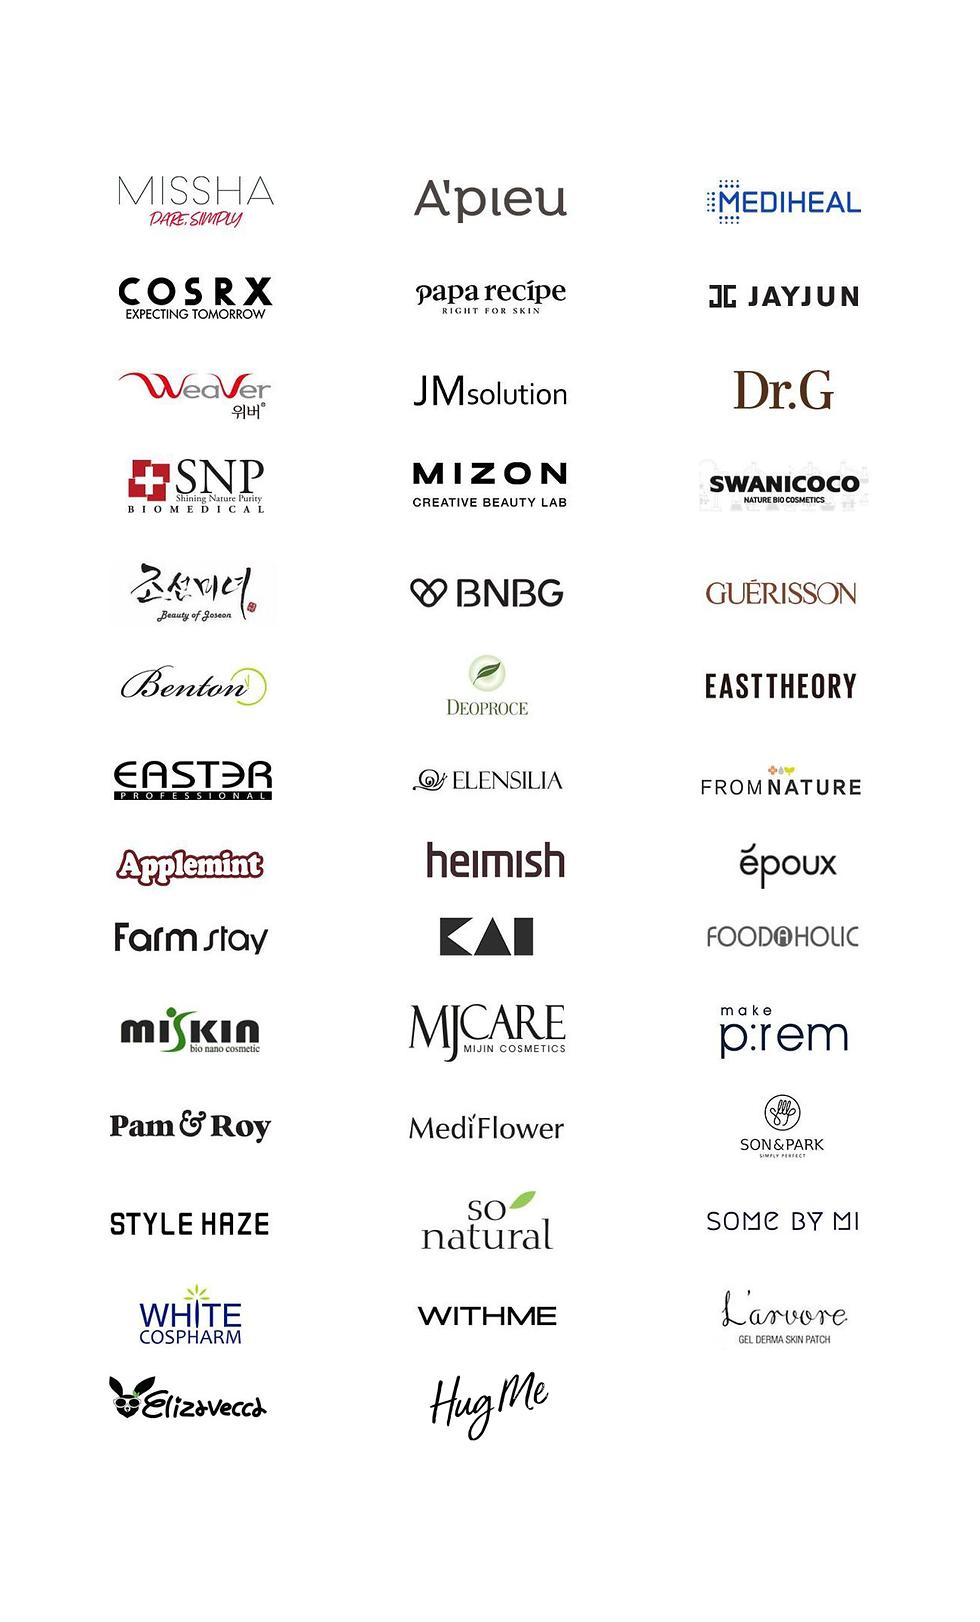 brands_all_moreMargin.png